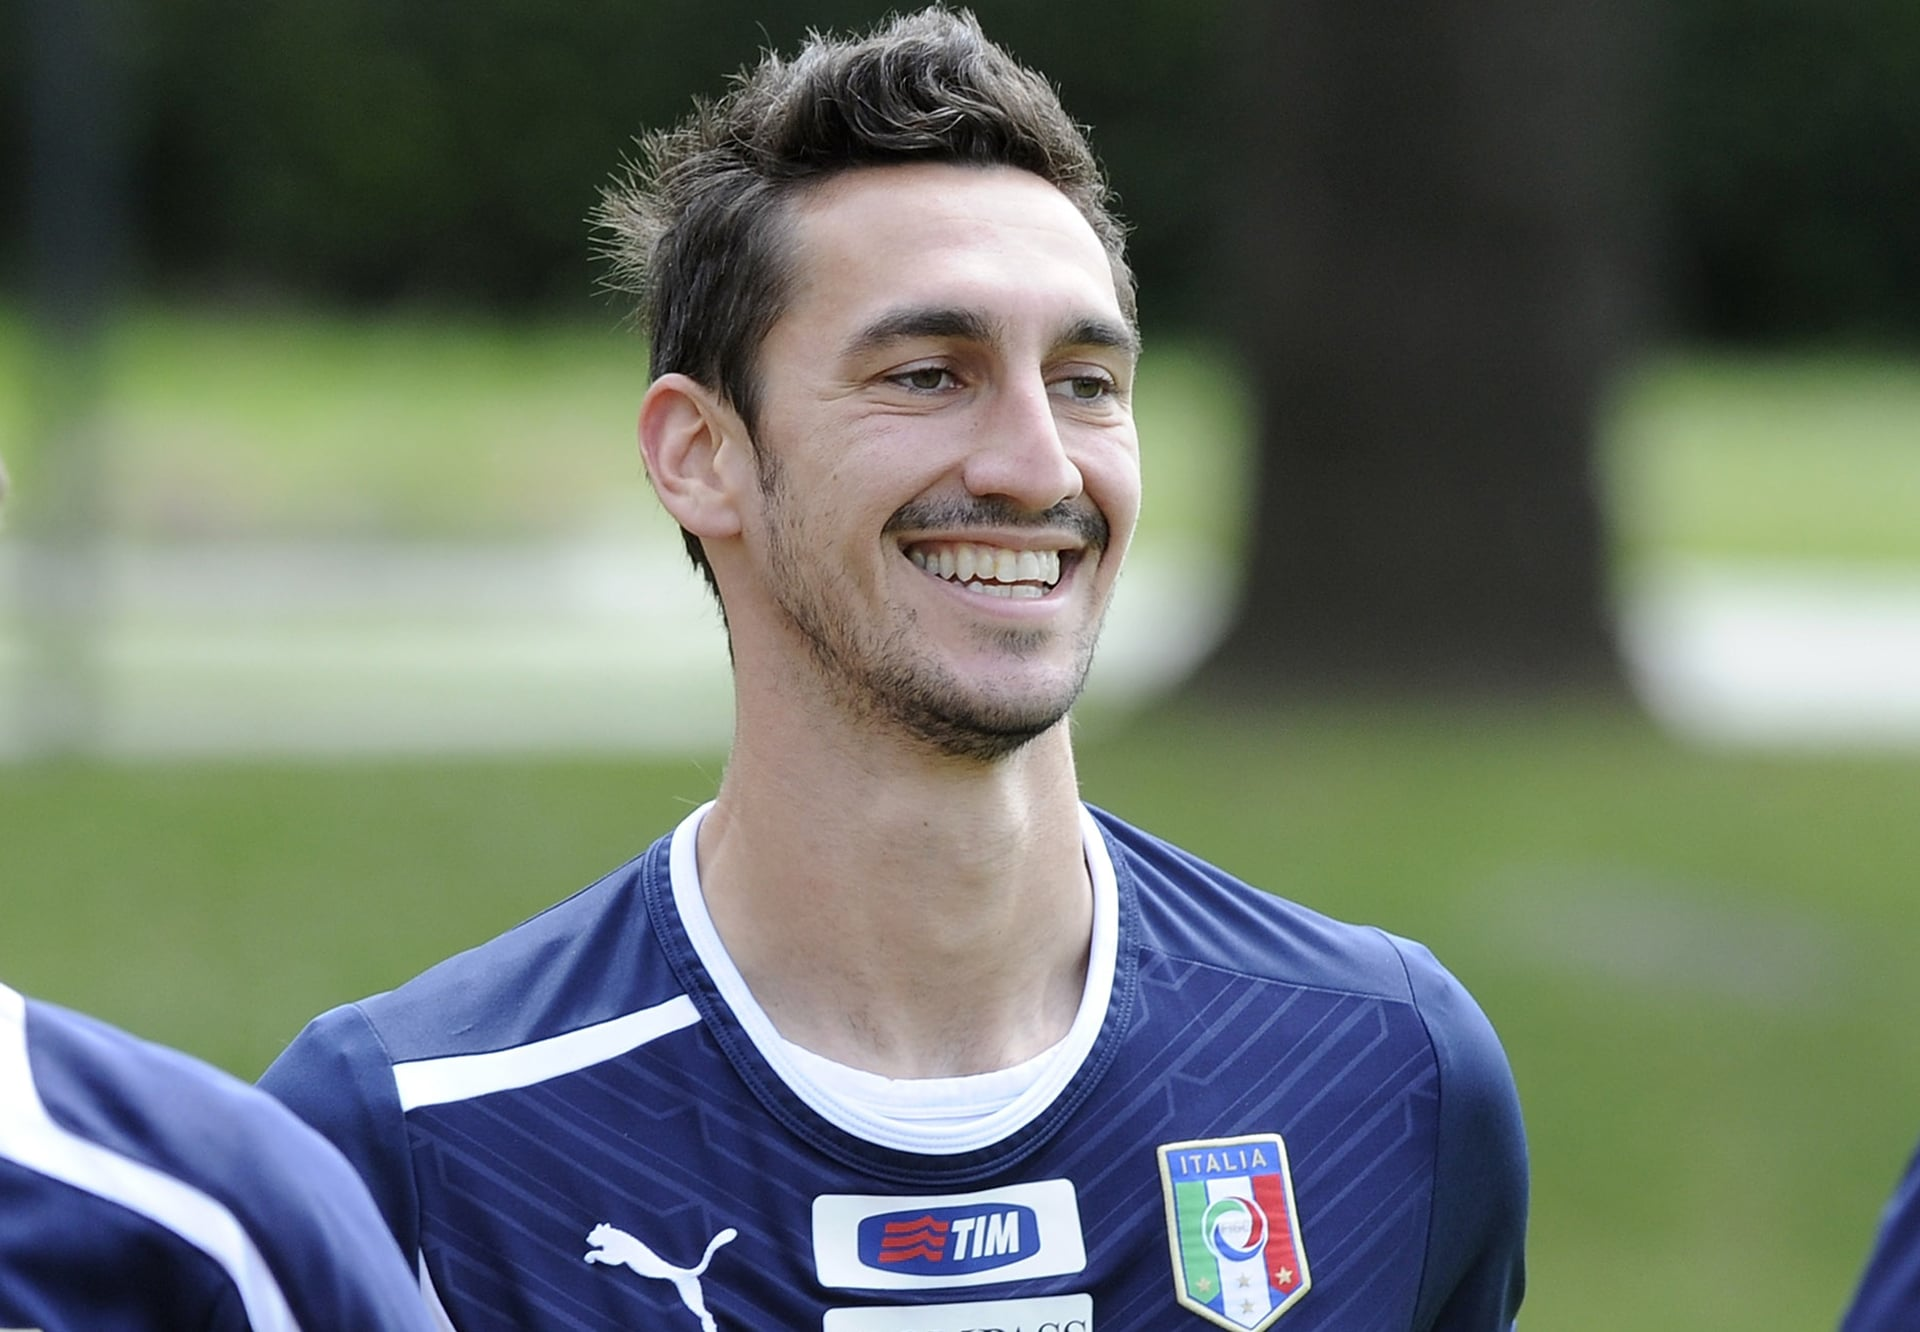 È morto Davide Astori, il capitano della Fiorentina ...